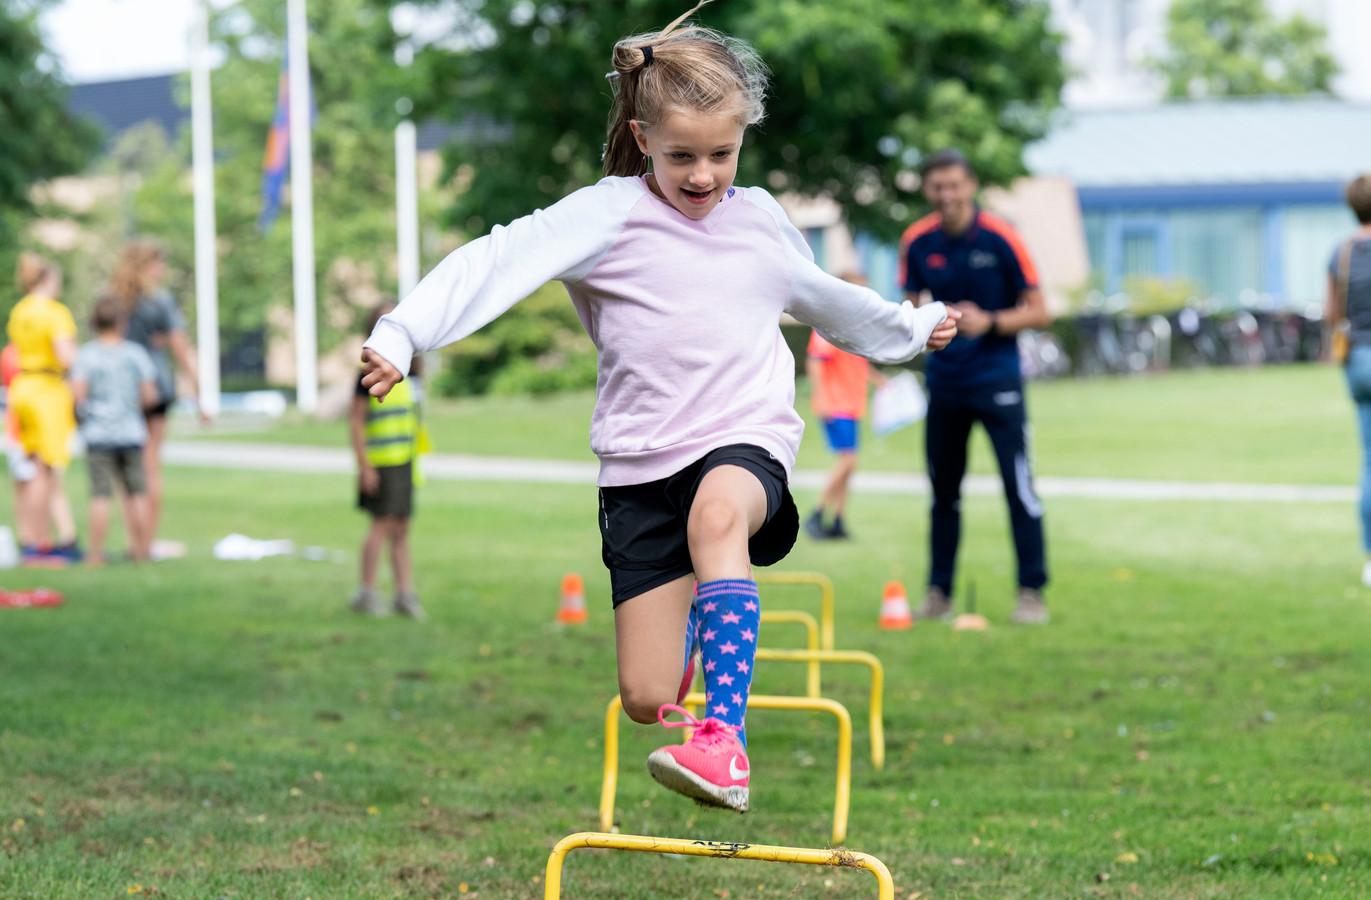 Berkellympics: Olympische Spelen voor kinderen in Borculo